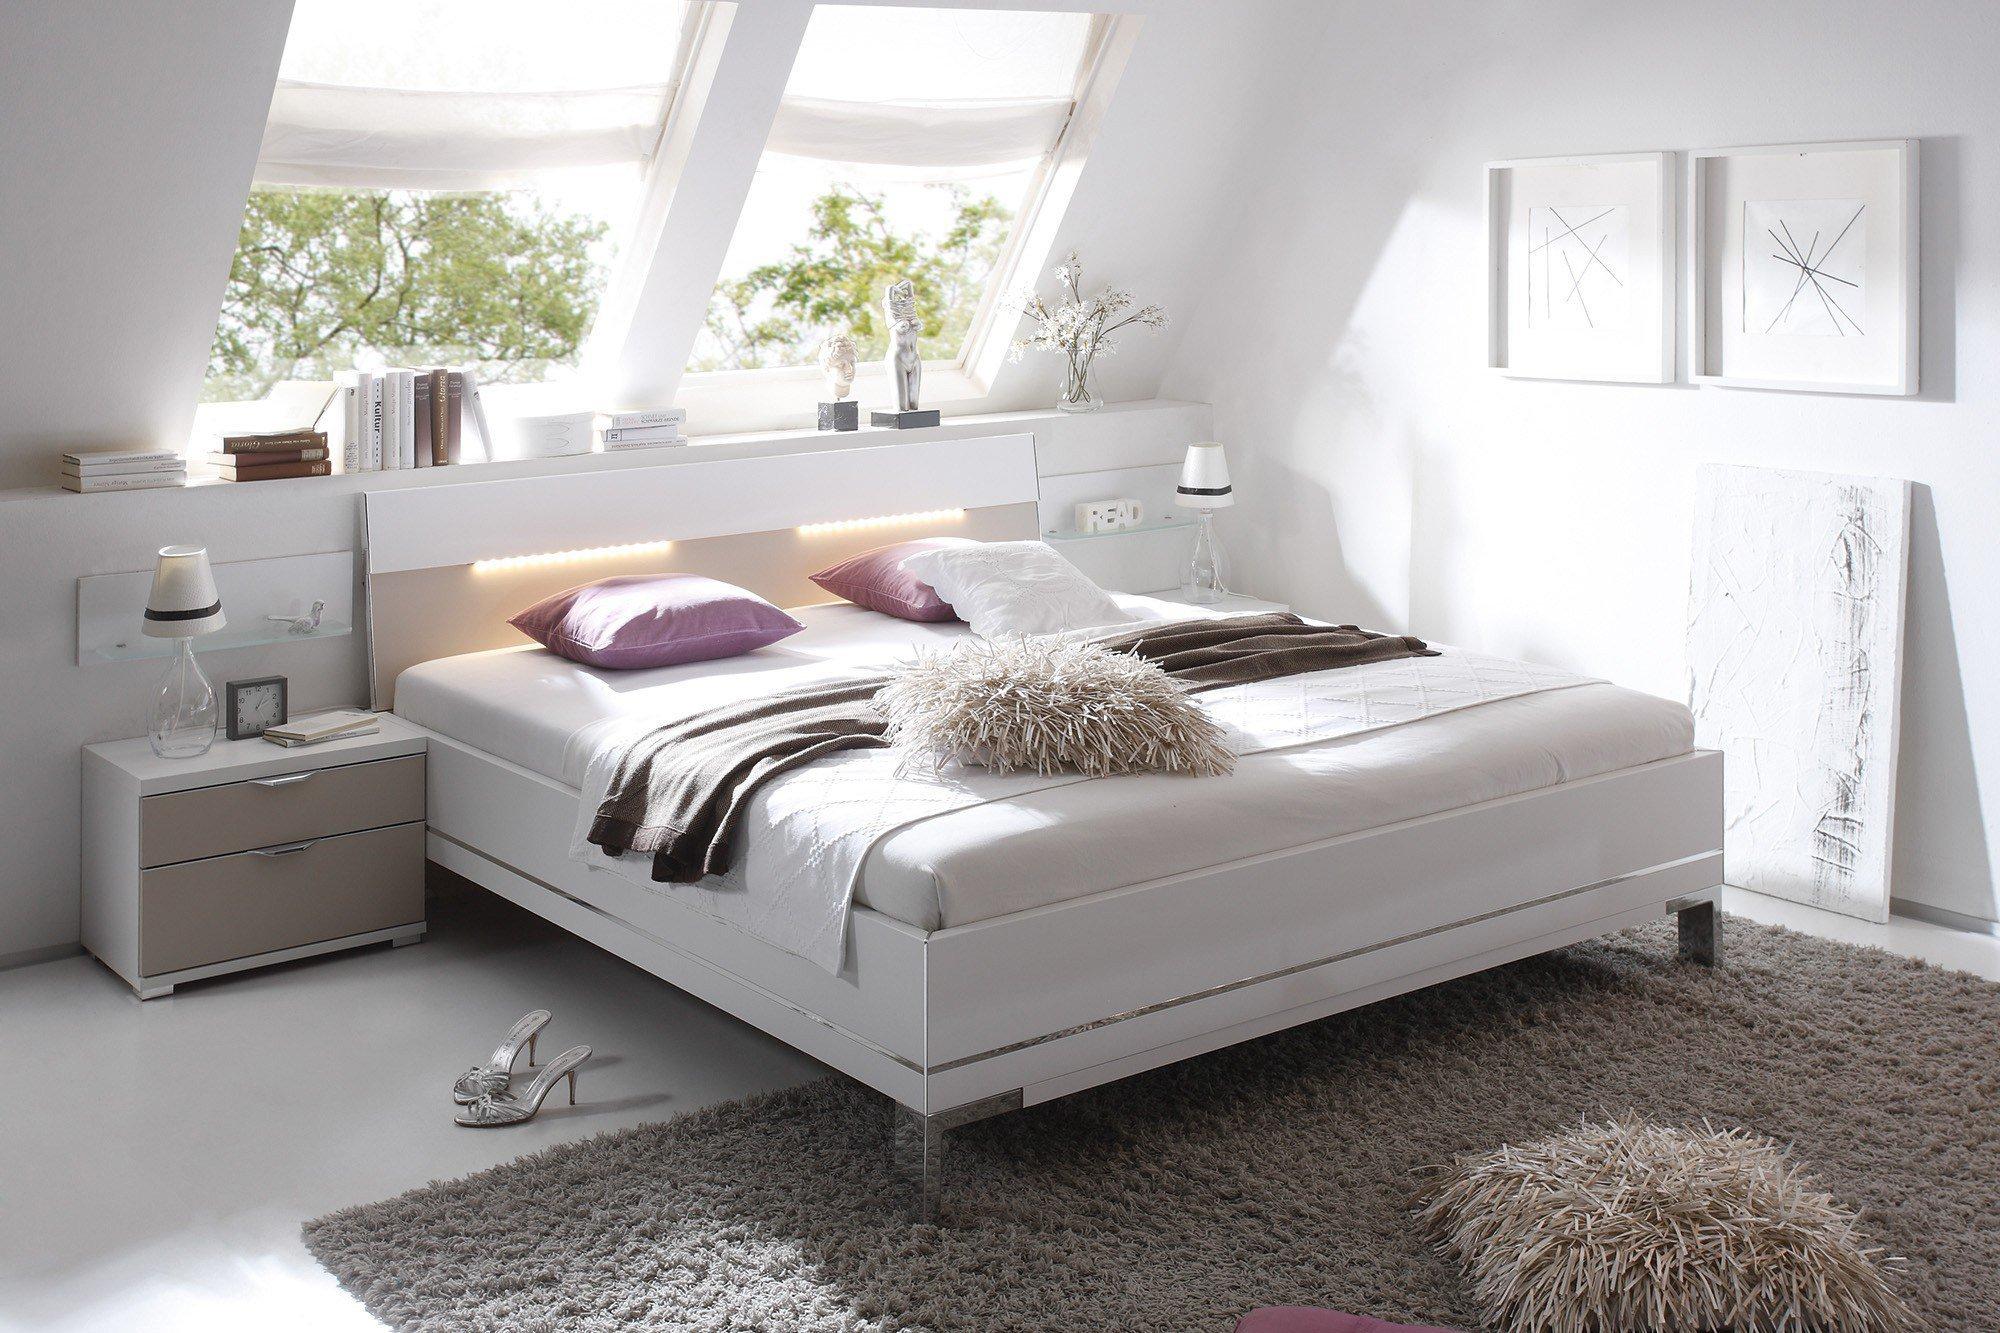 Full Size of Bambus Bett Breite Gebrauchte Betten Hasena Balken Runde 140x200 Poco 180x200 Bettkasten Außergewöhnliche Minimalistisch Bett Bett 160x200